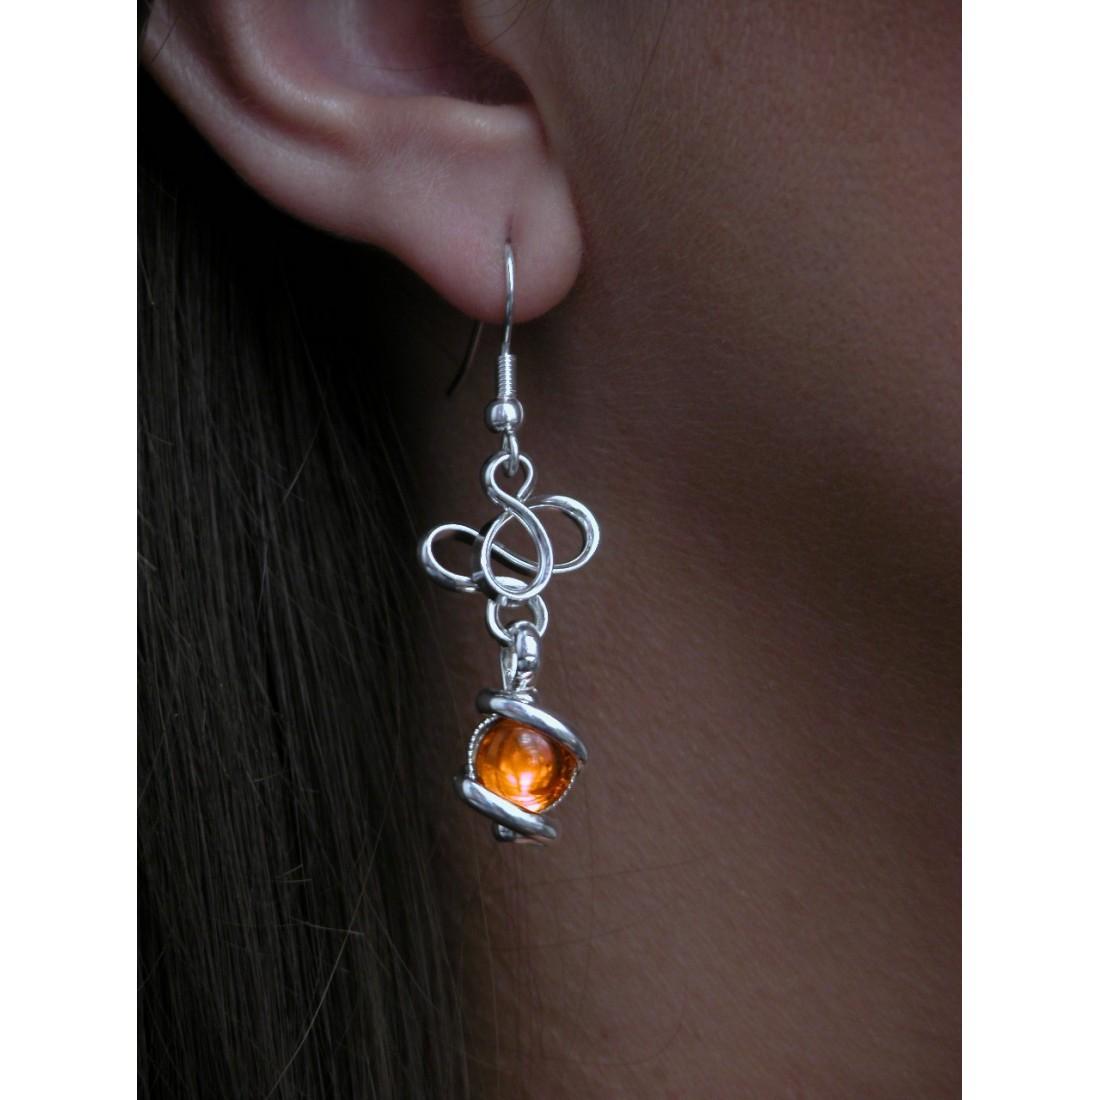 Boucles d'oreilles, couleur orange et argent.